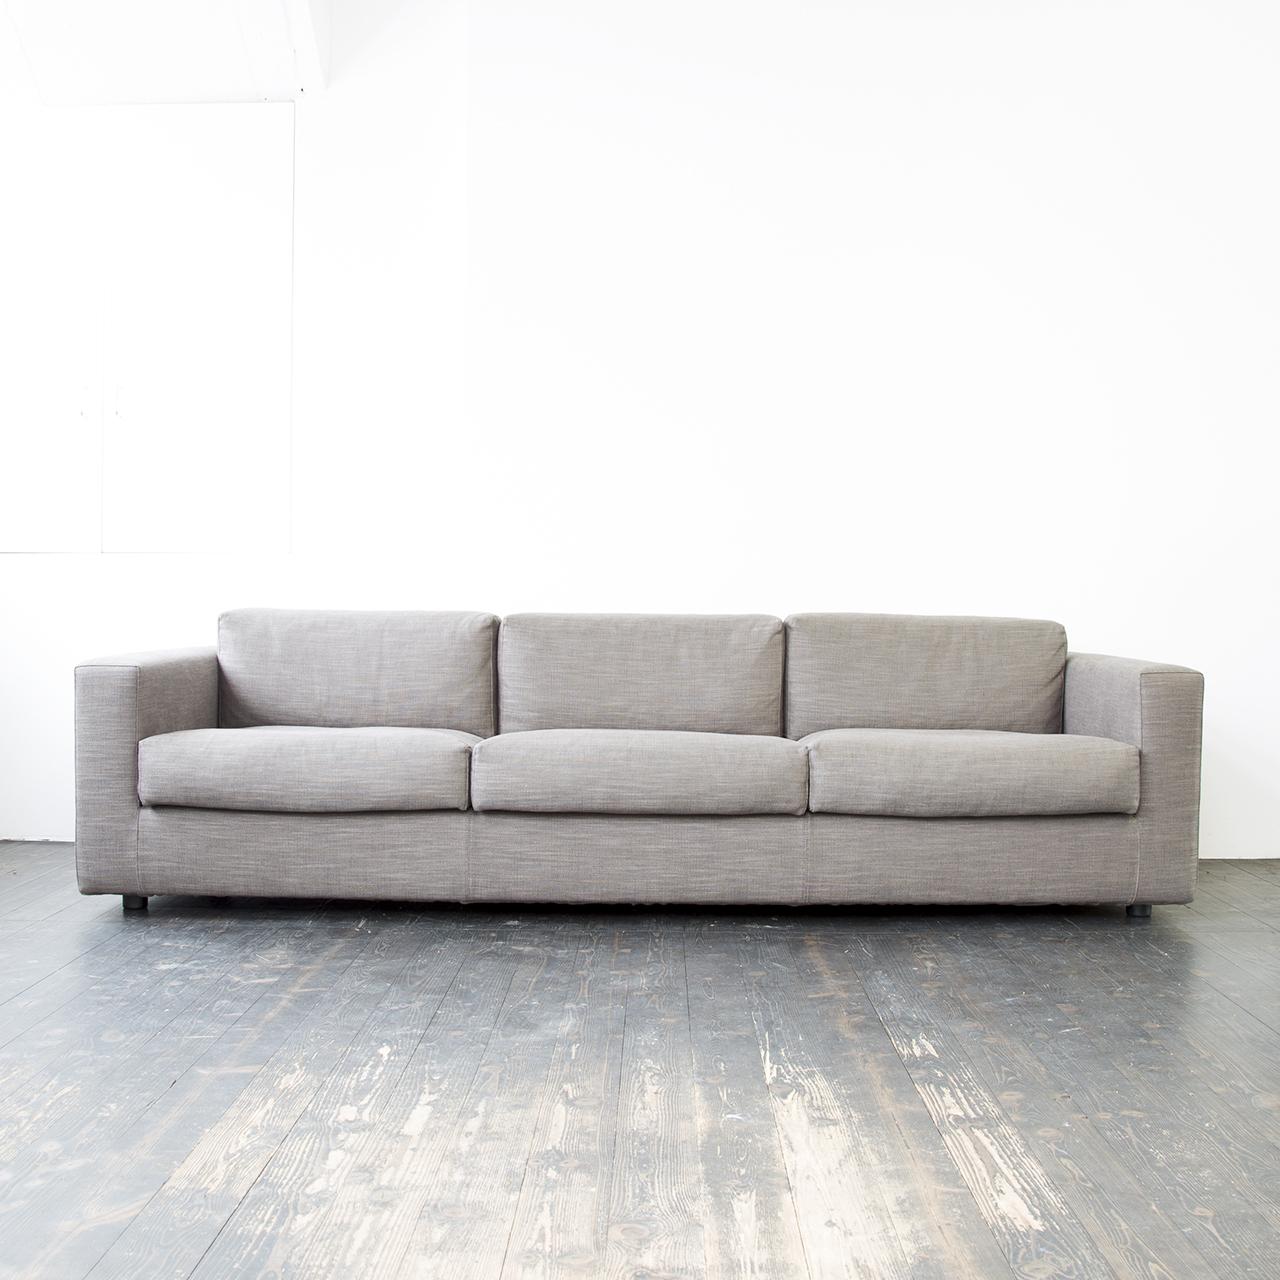 Sofa Grace Atelier Alinea